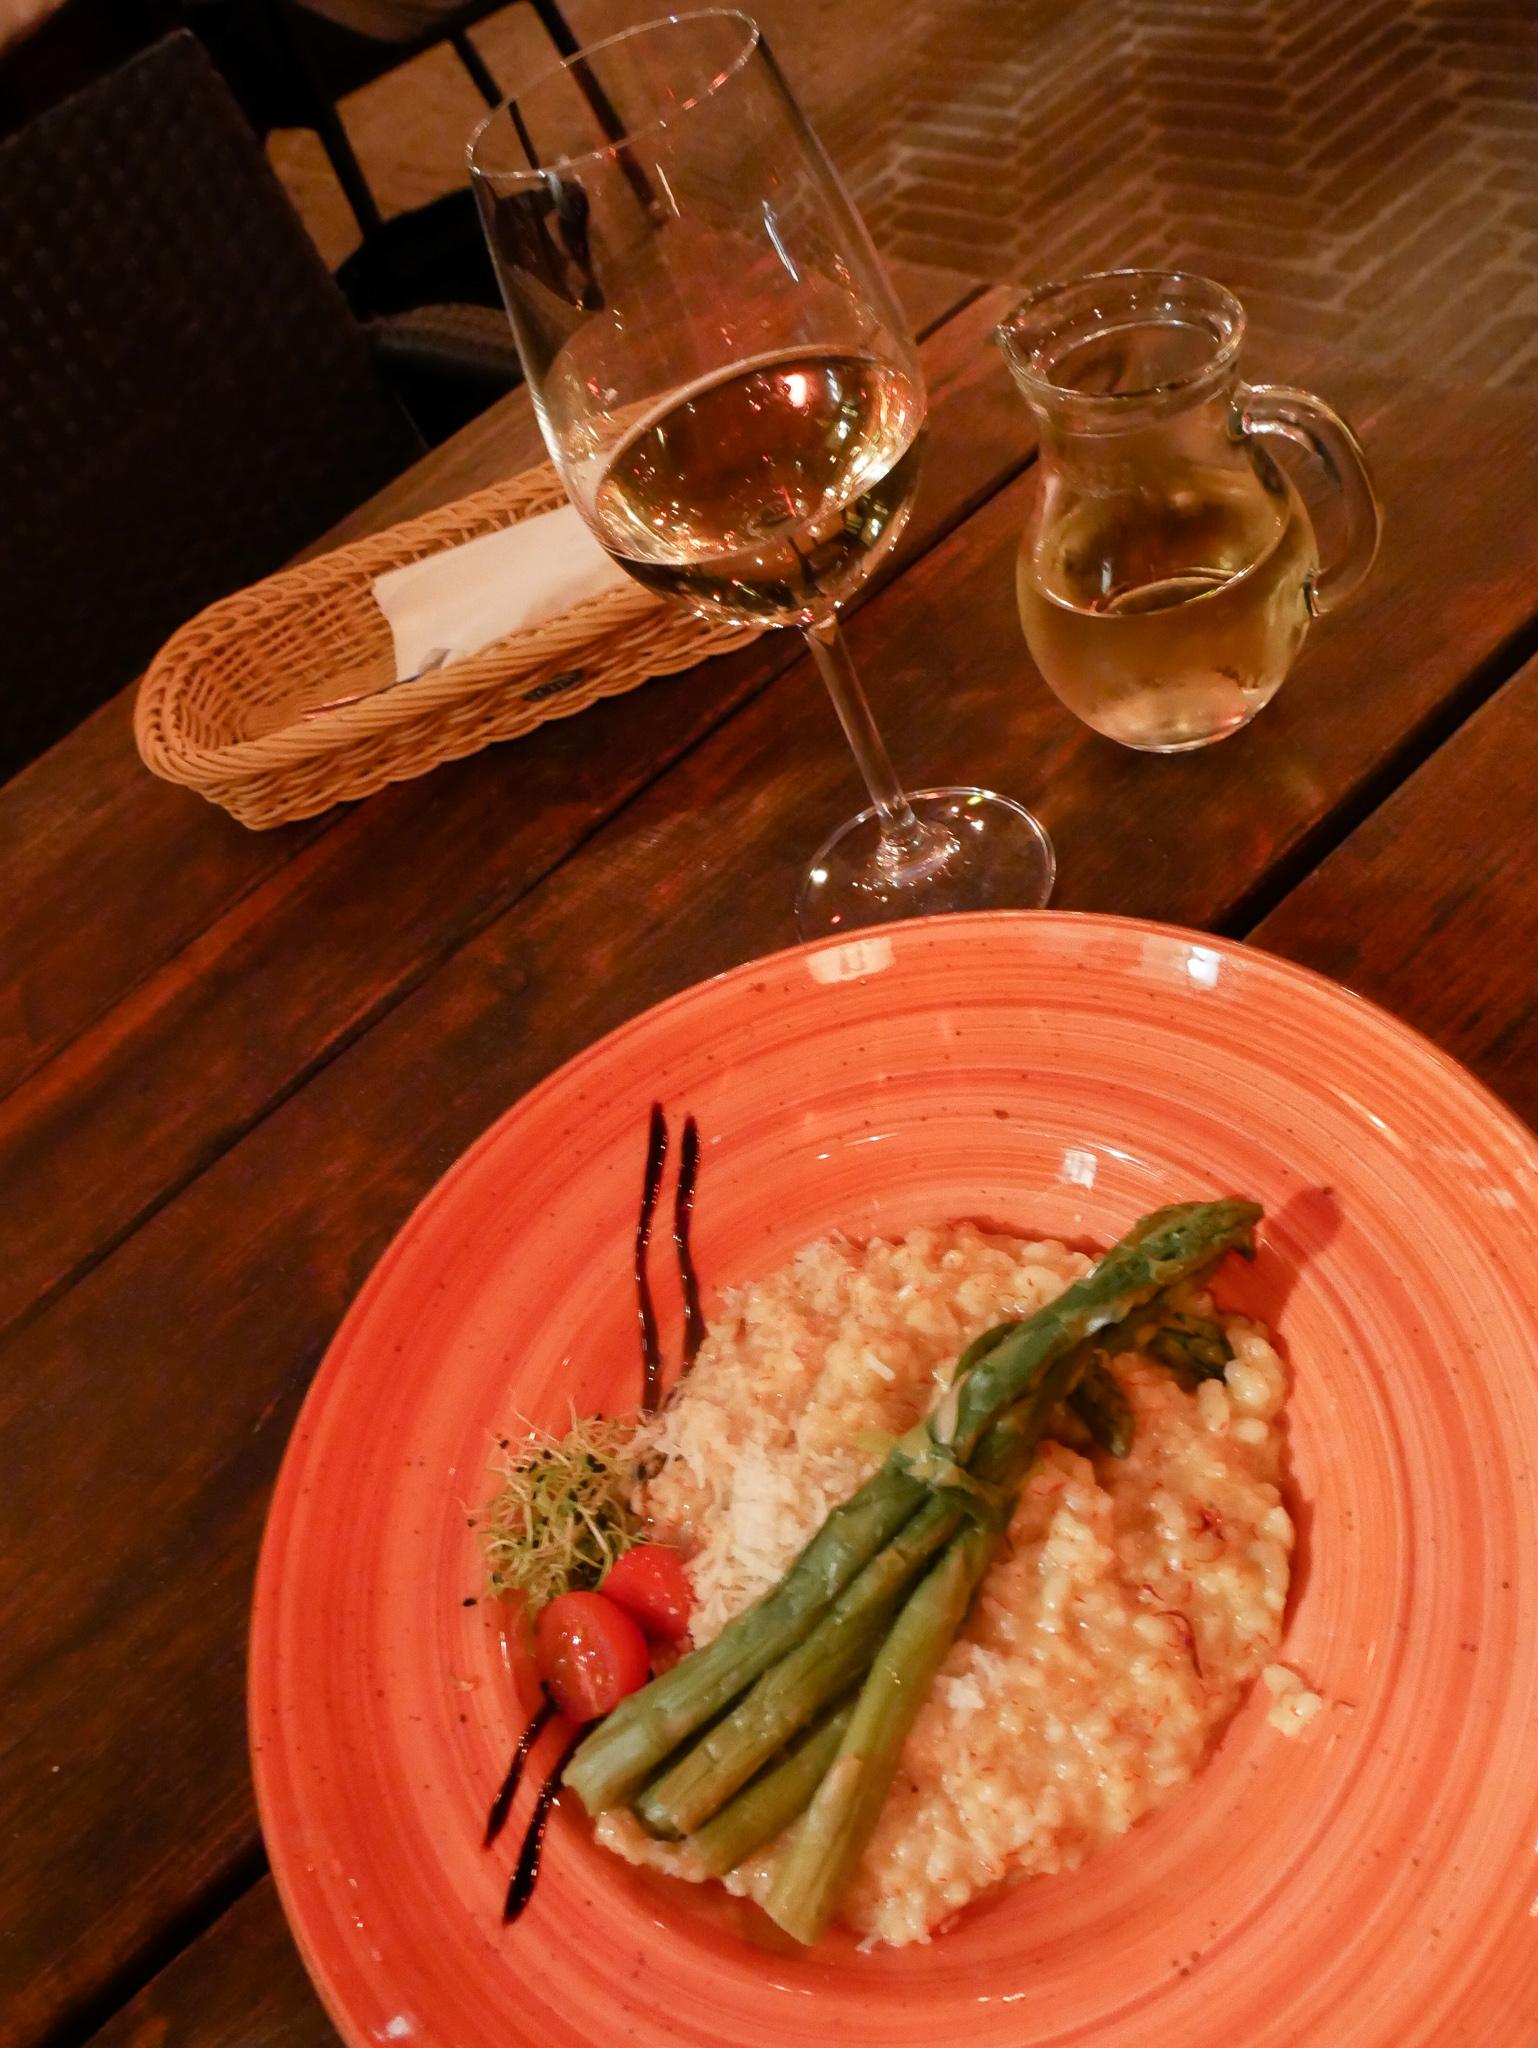 Den här risotton åt jag på restaurang Kazimir. Jag hade ingen aning om stället, men det såg så inbjudande ut så jag gick in här. Jättegod mat och gott vin också. betalade 25 euro för risotto, efterrätt, vitt vin och rött vin.